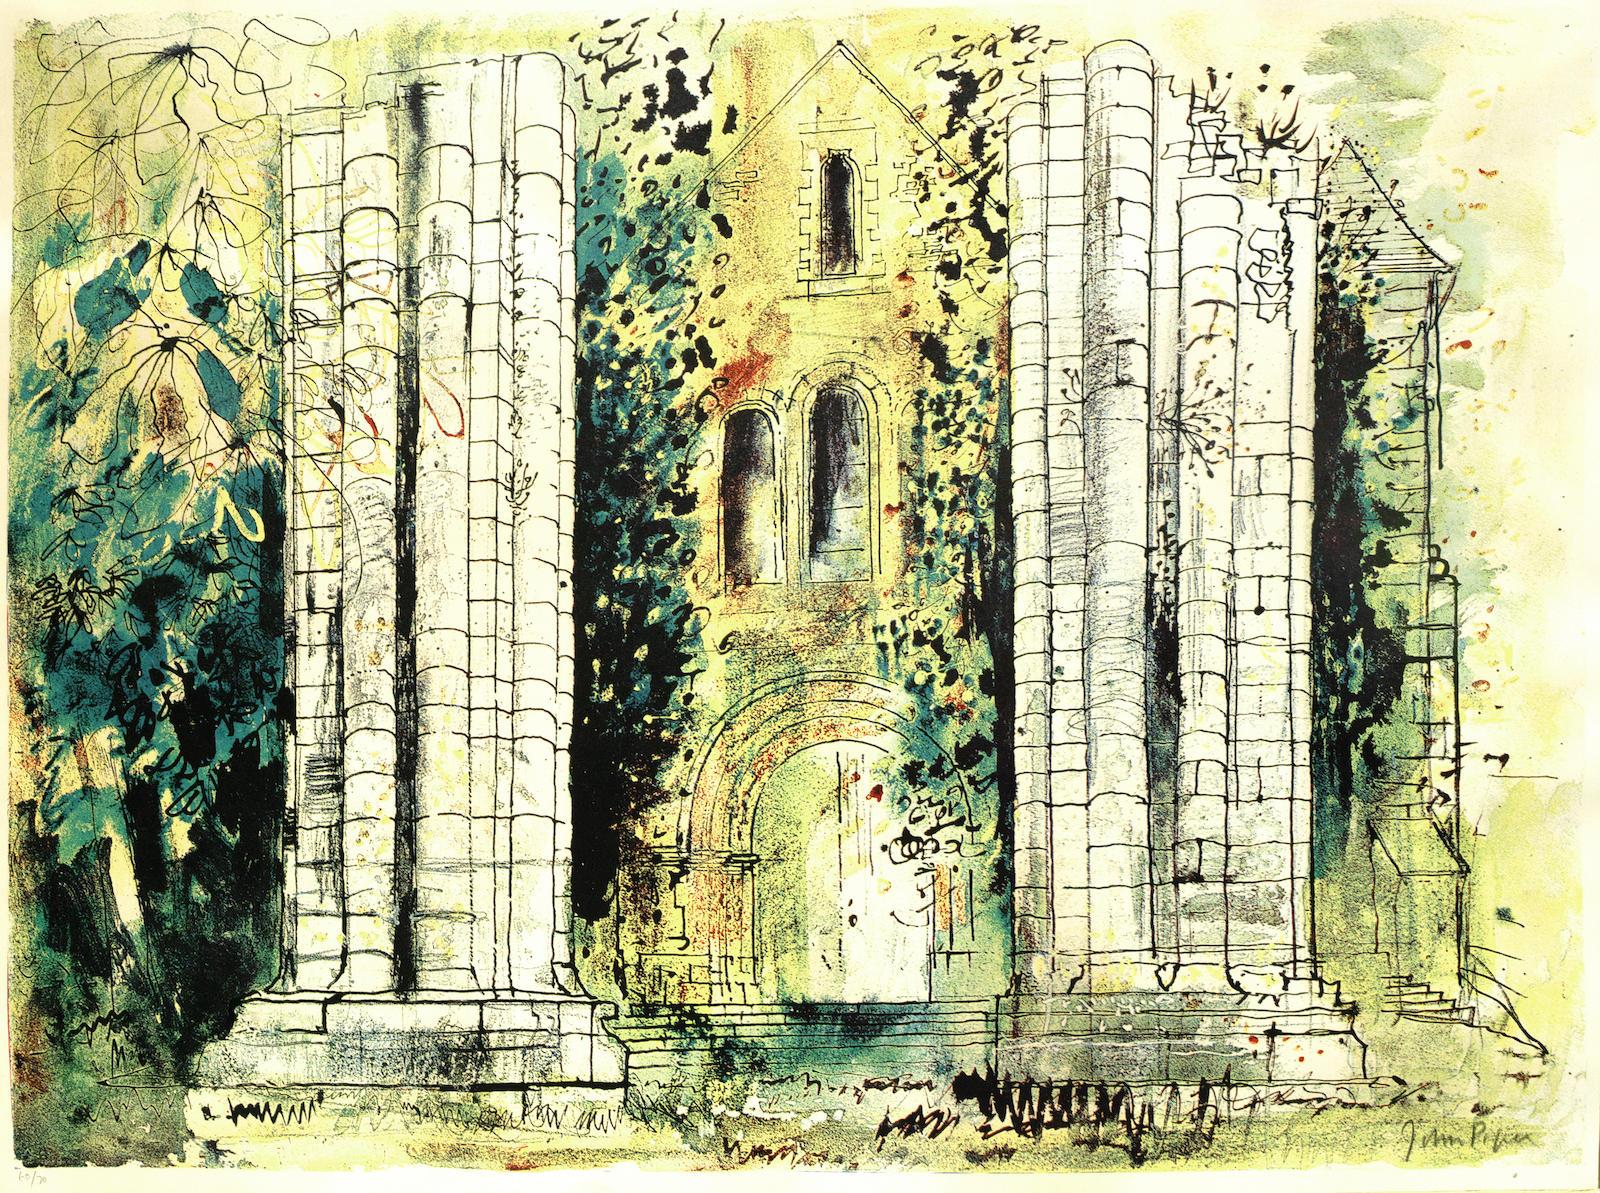 John Piper-St Raphael, Dordogne-1968